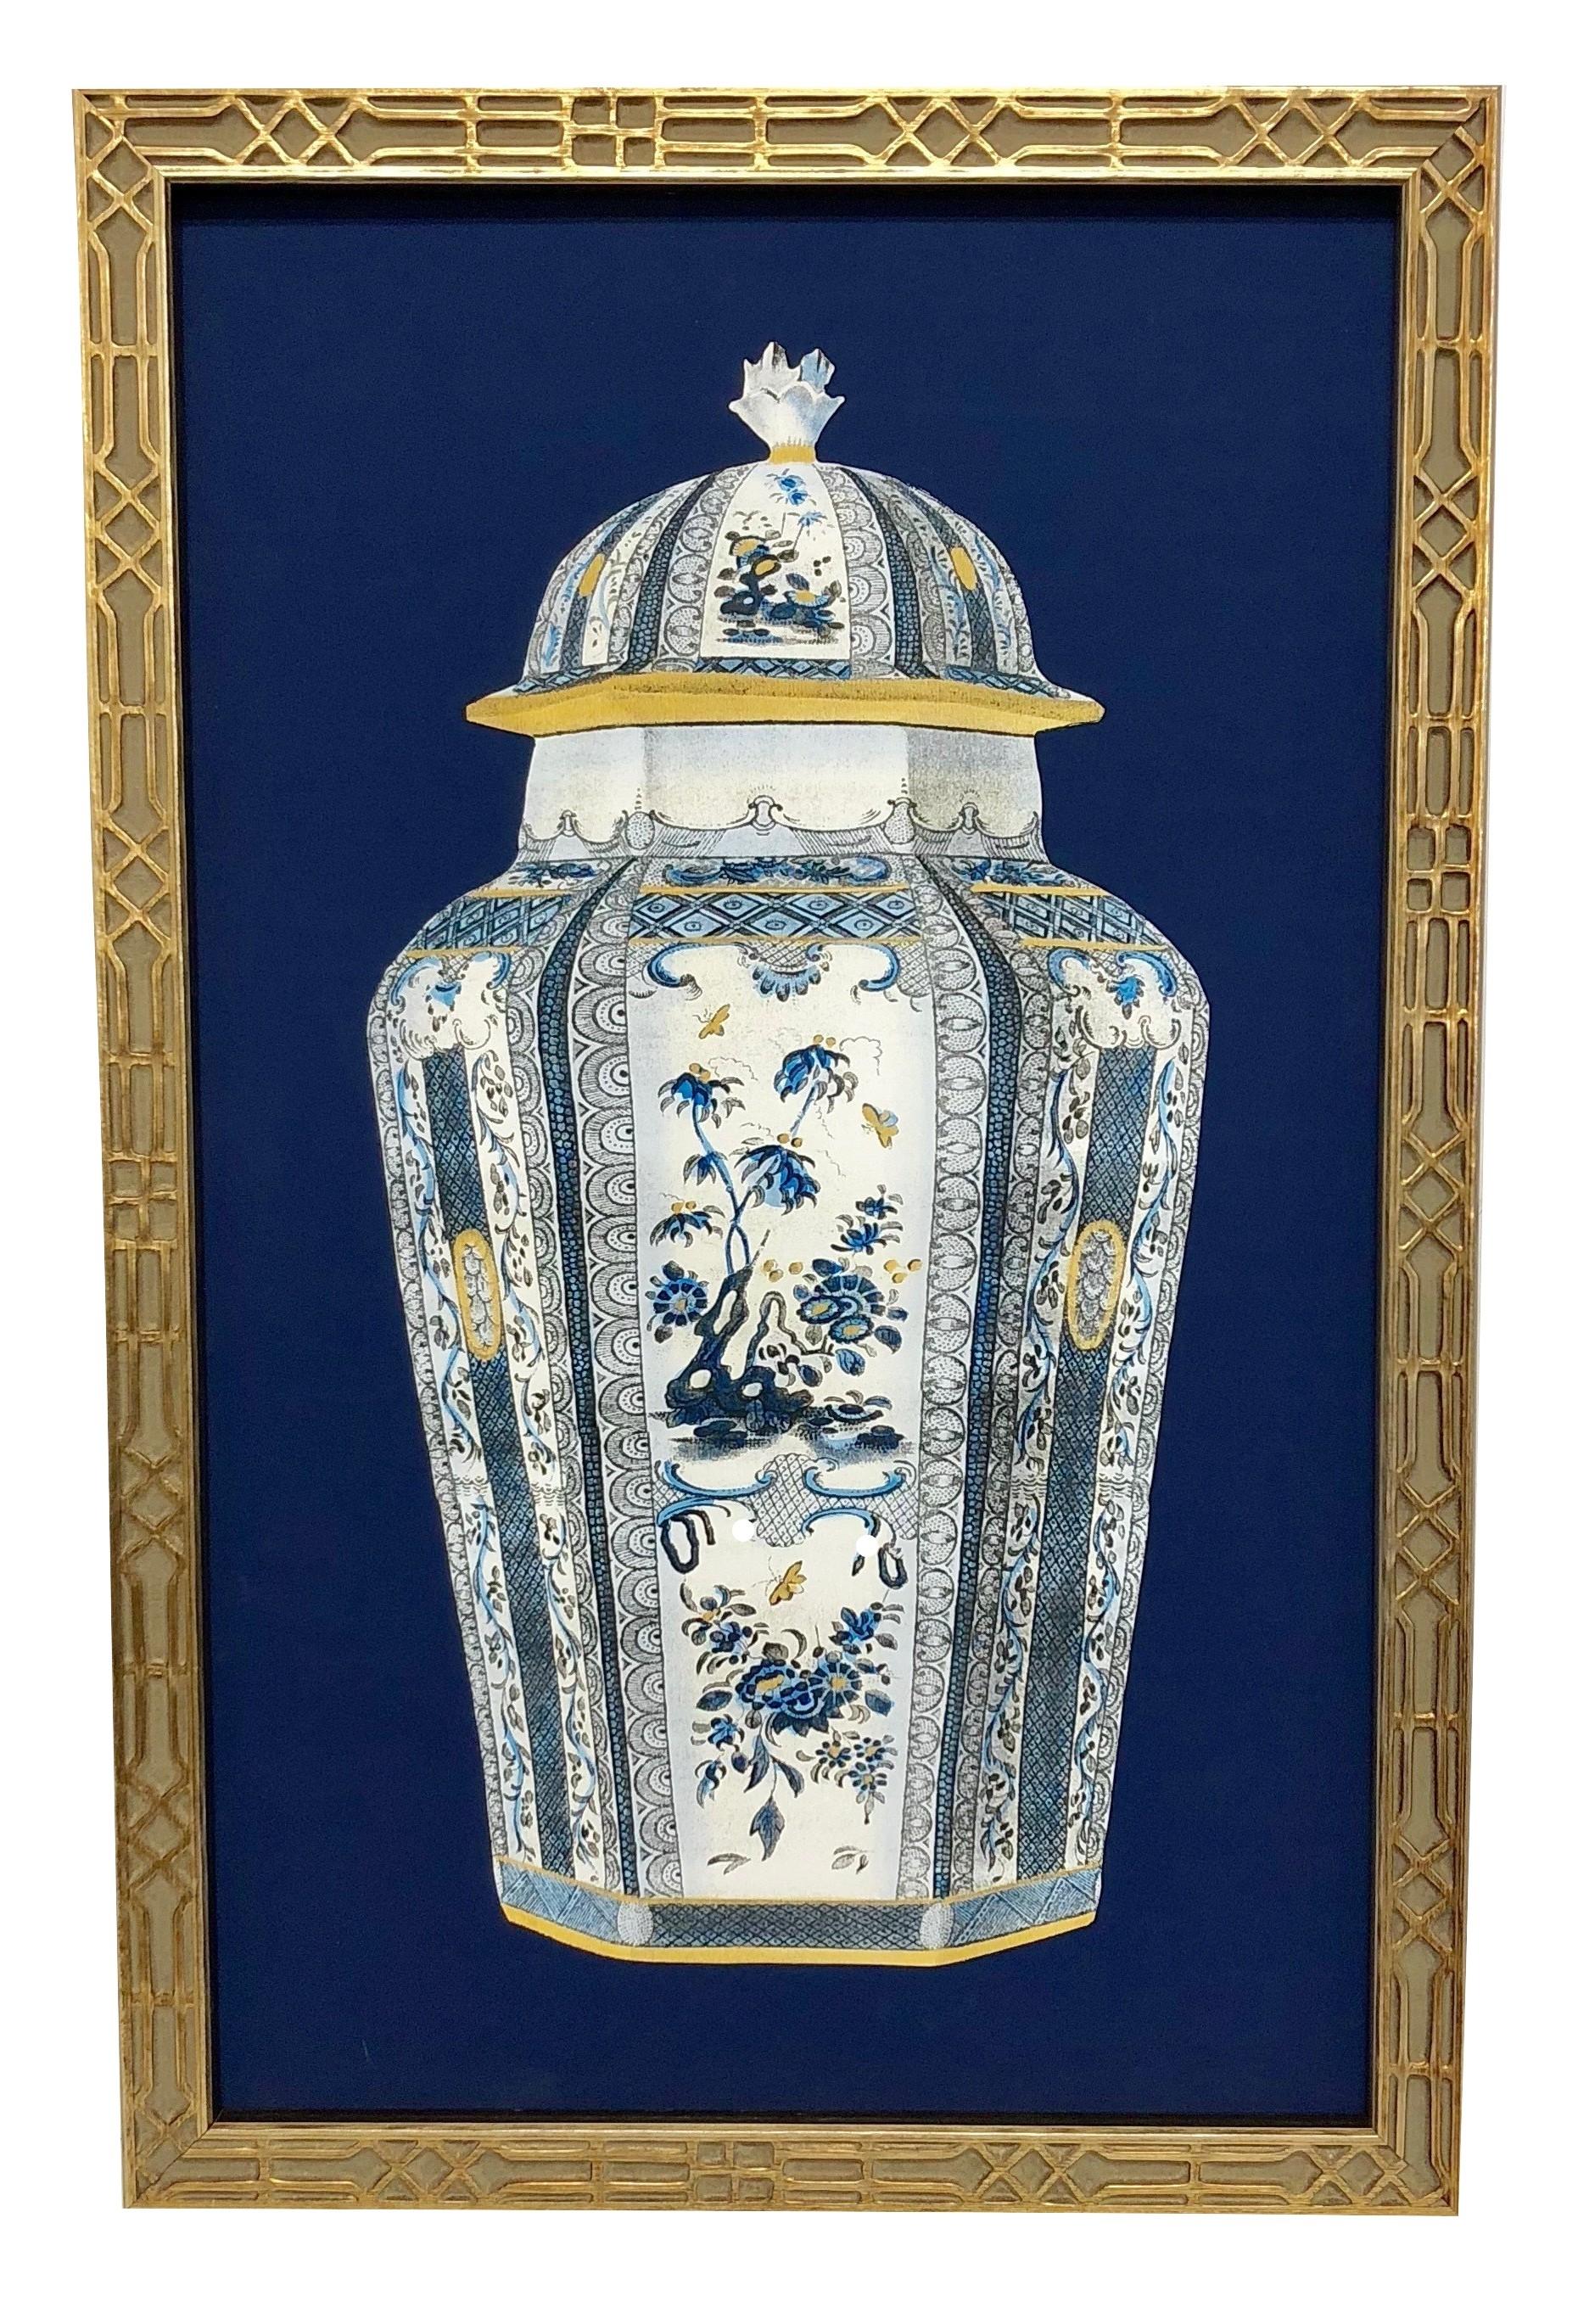 NEW! Incredible framed blue/white ginger jar print #1